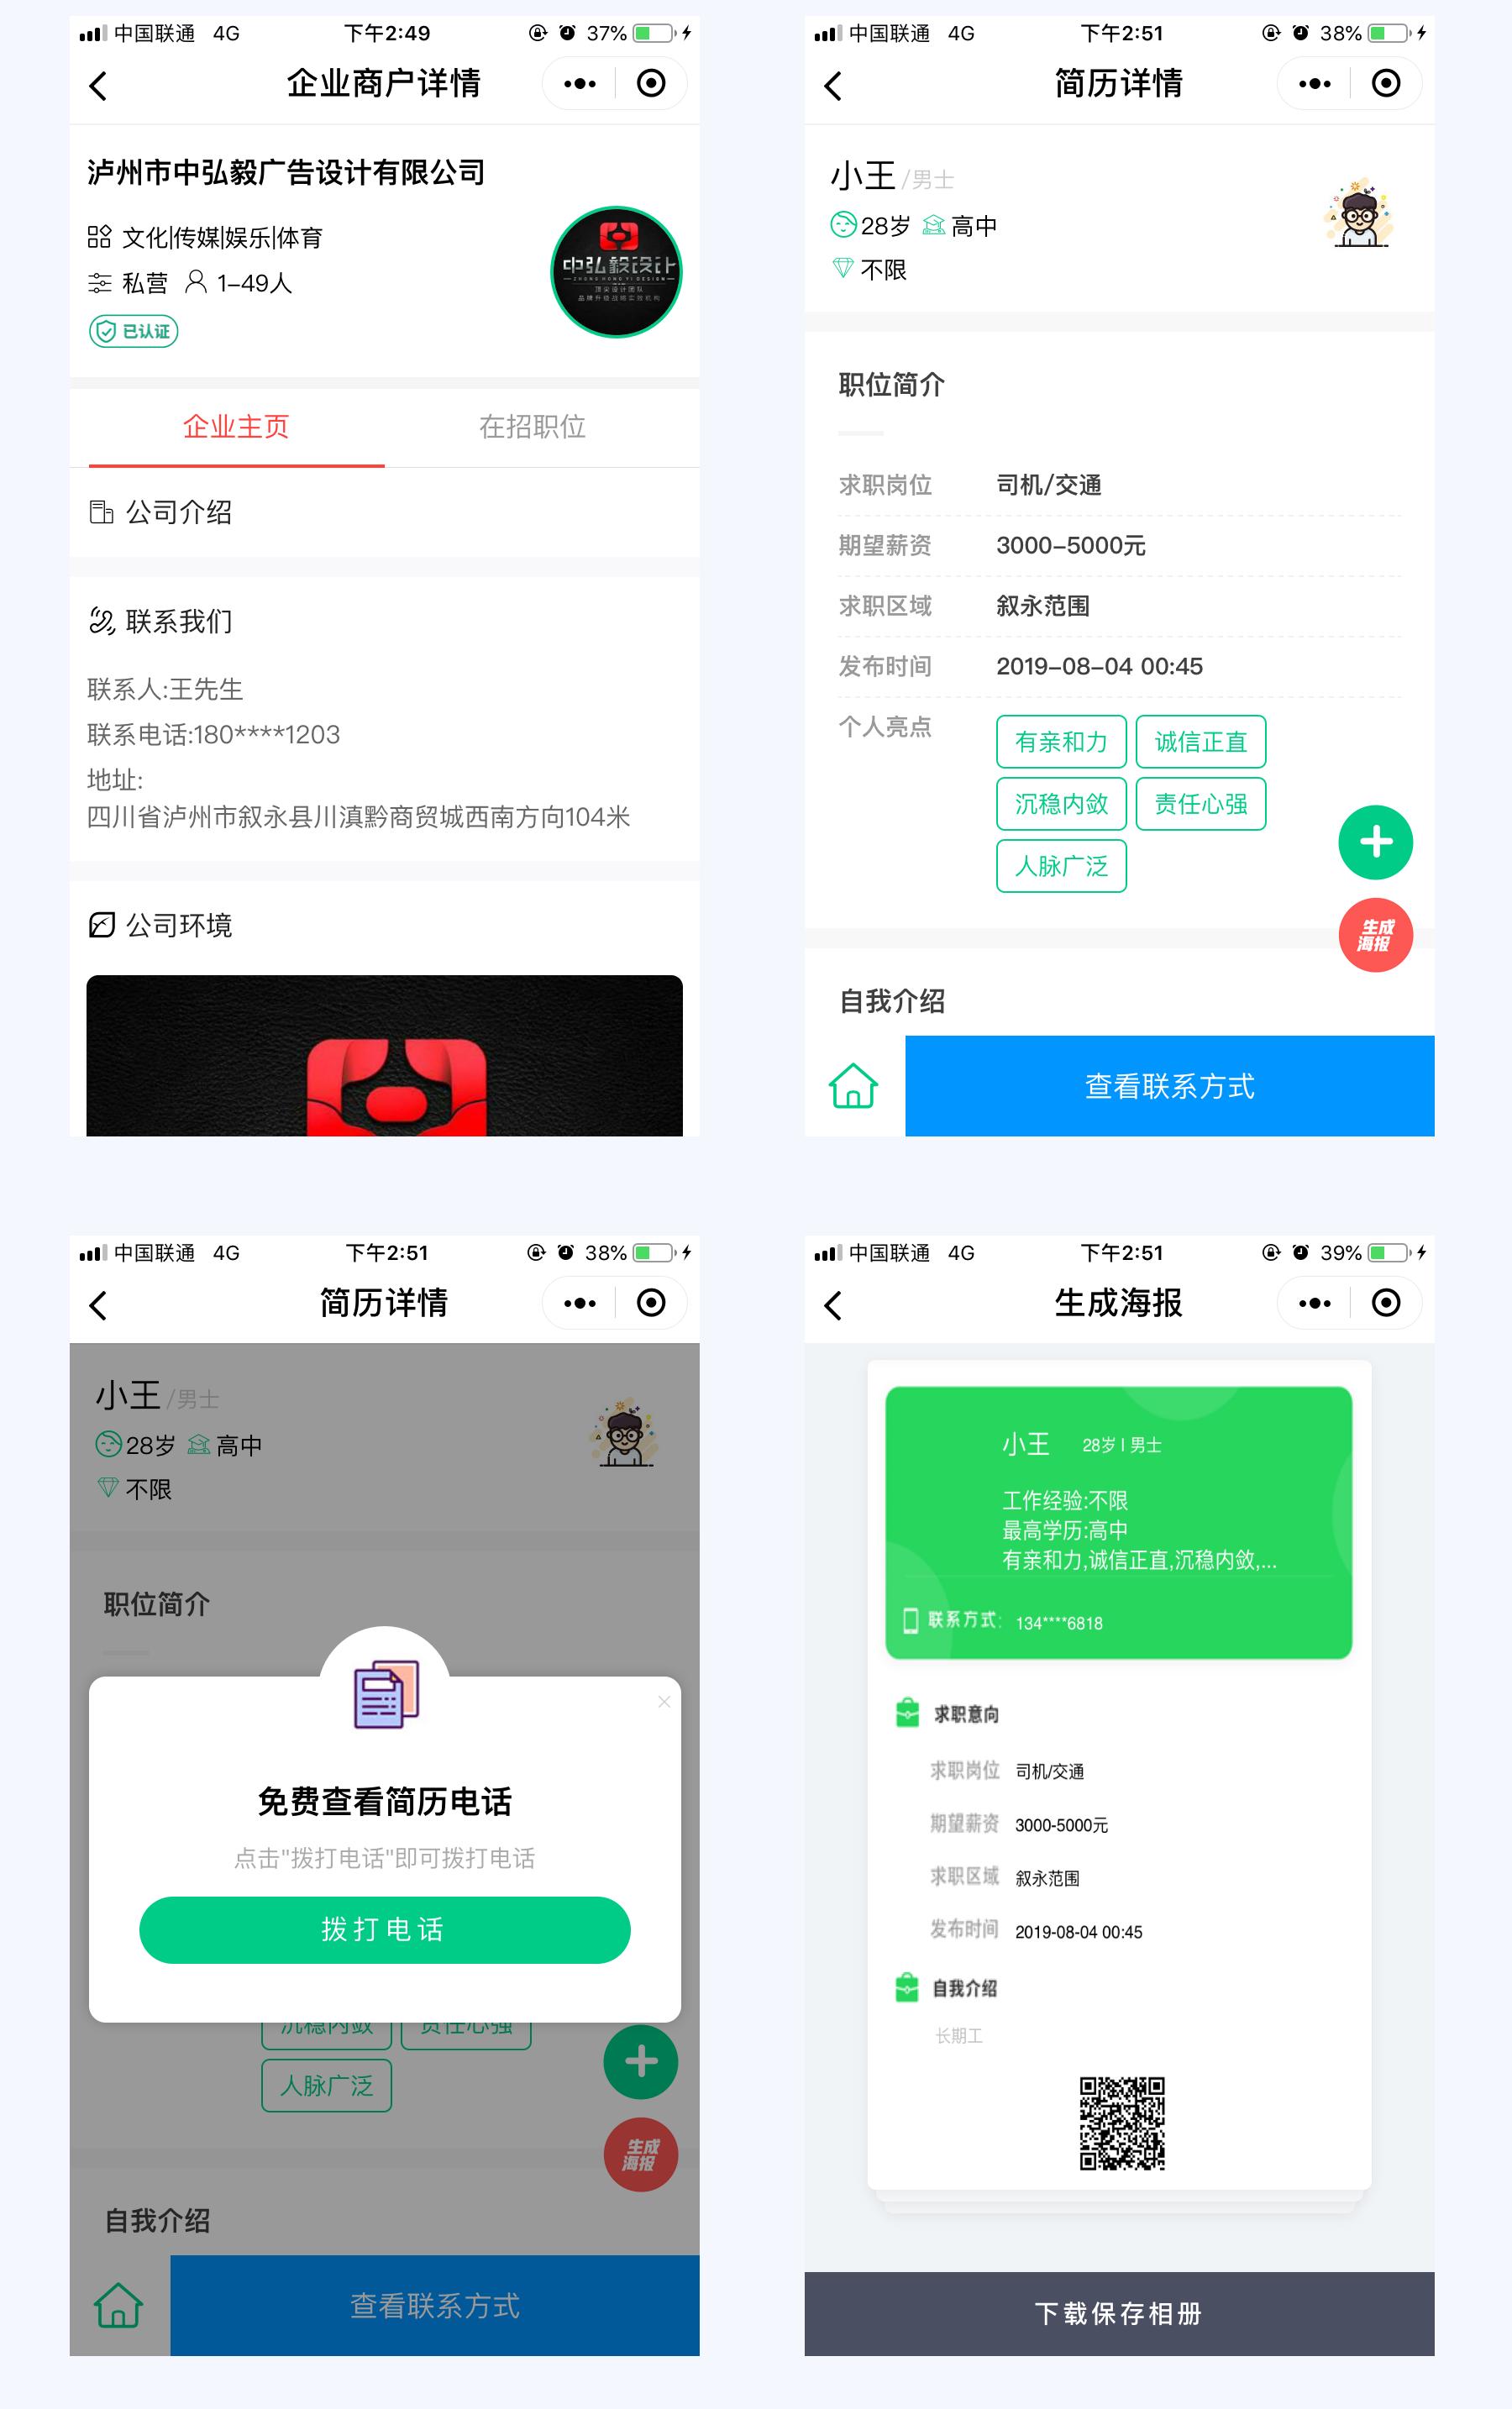 招聘UI展示_03.png